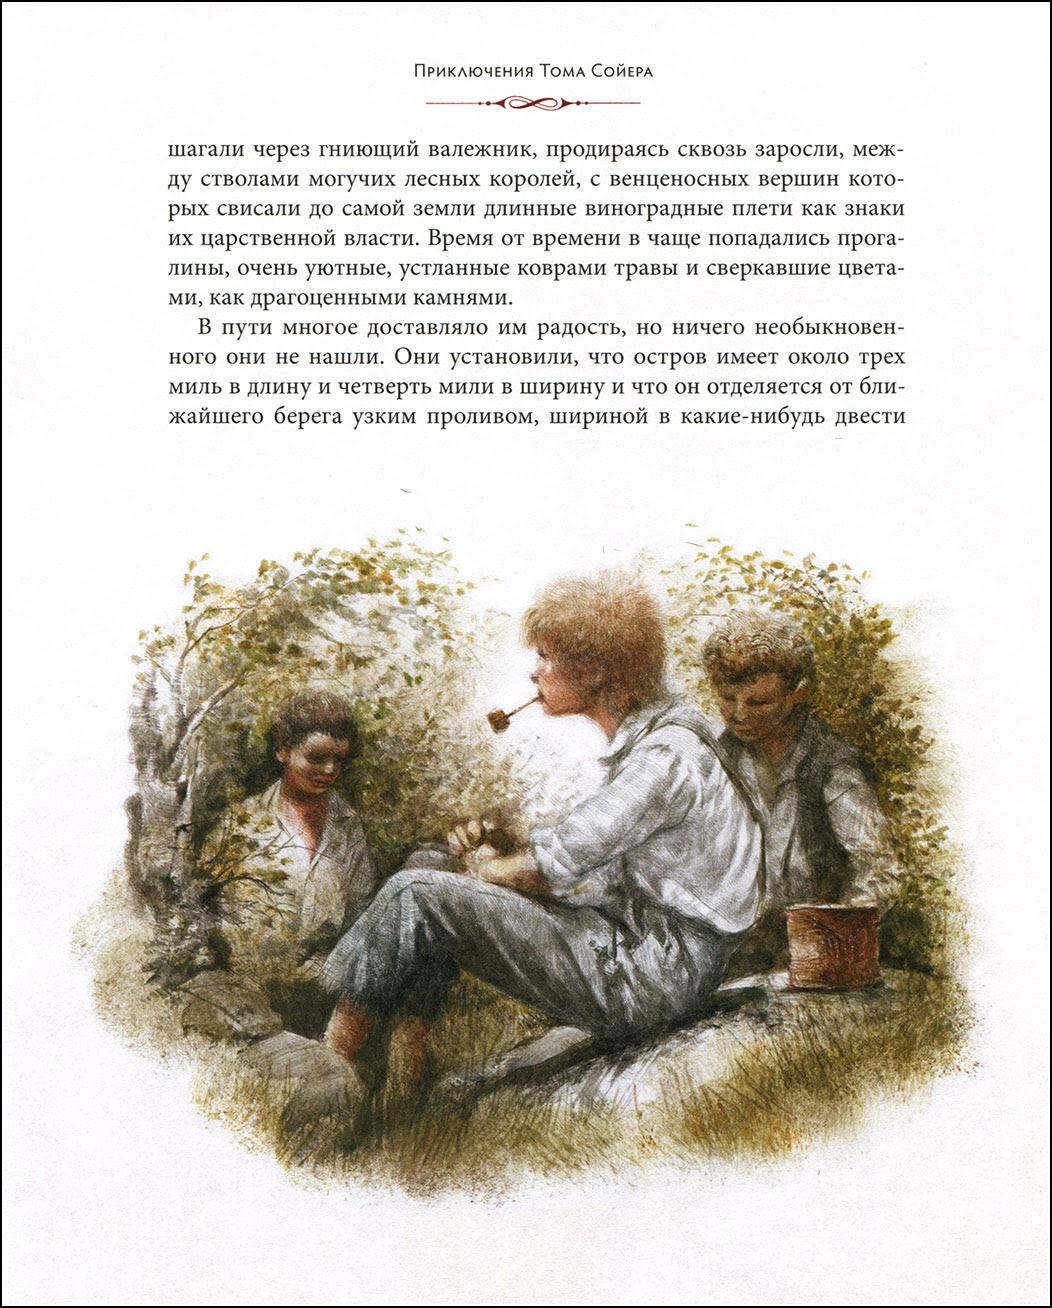 The Adventures of Tom Sawyer. Robert Ingpen